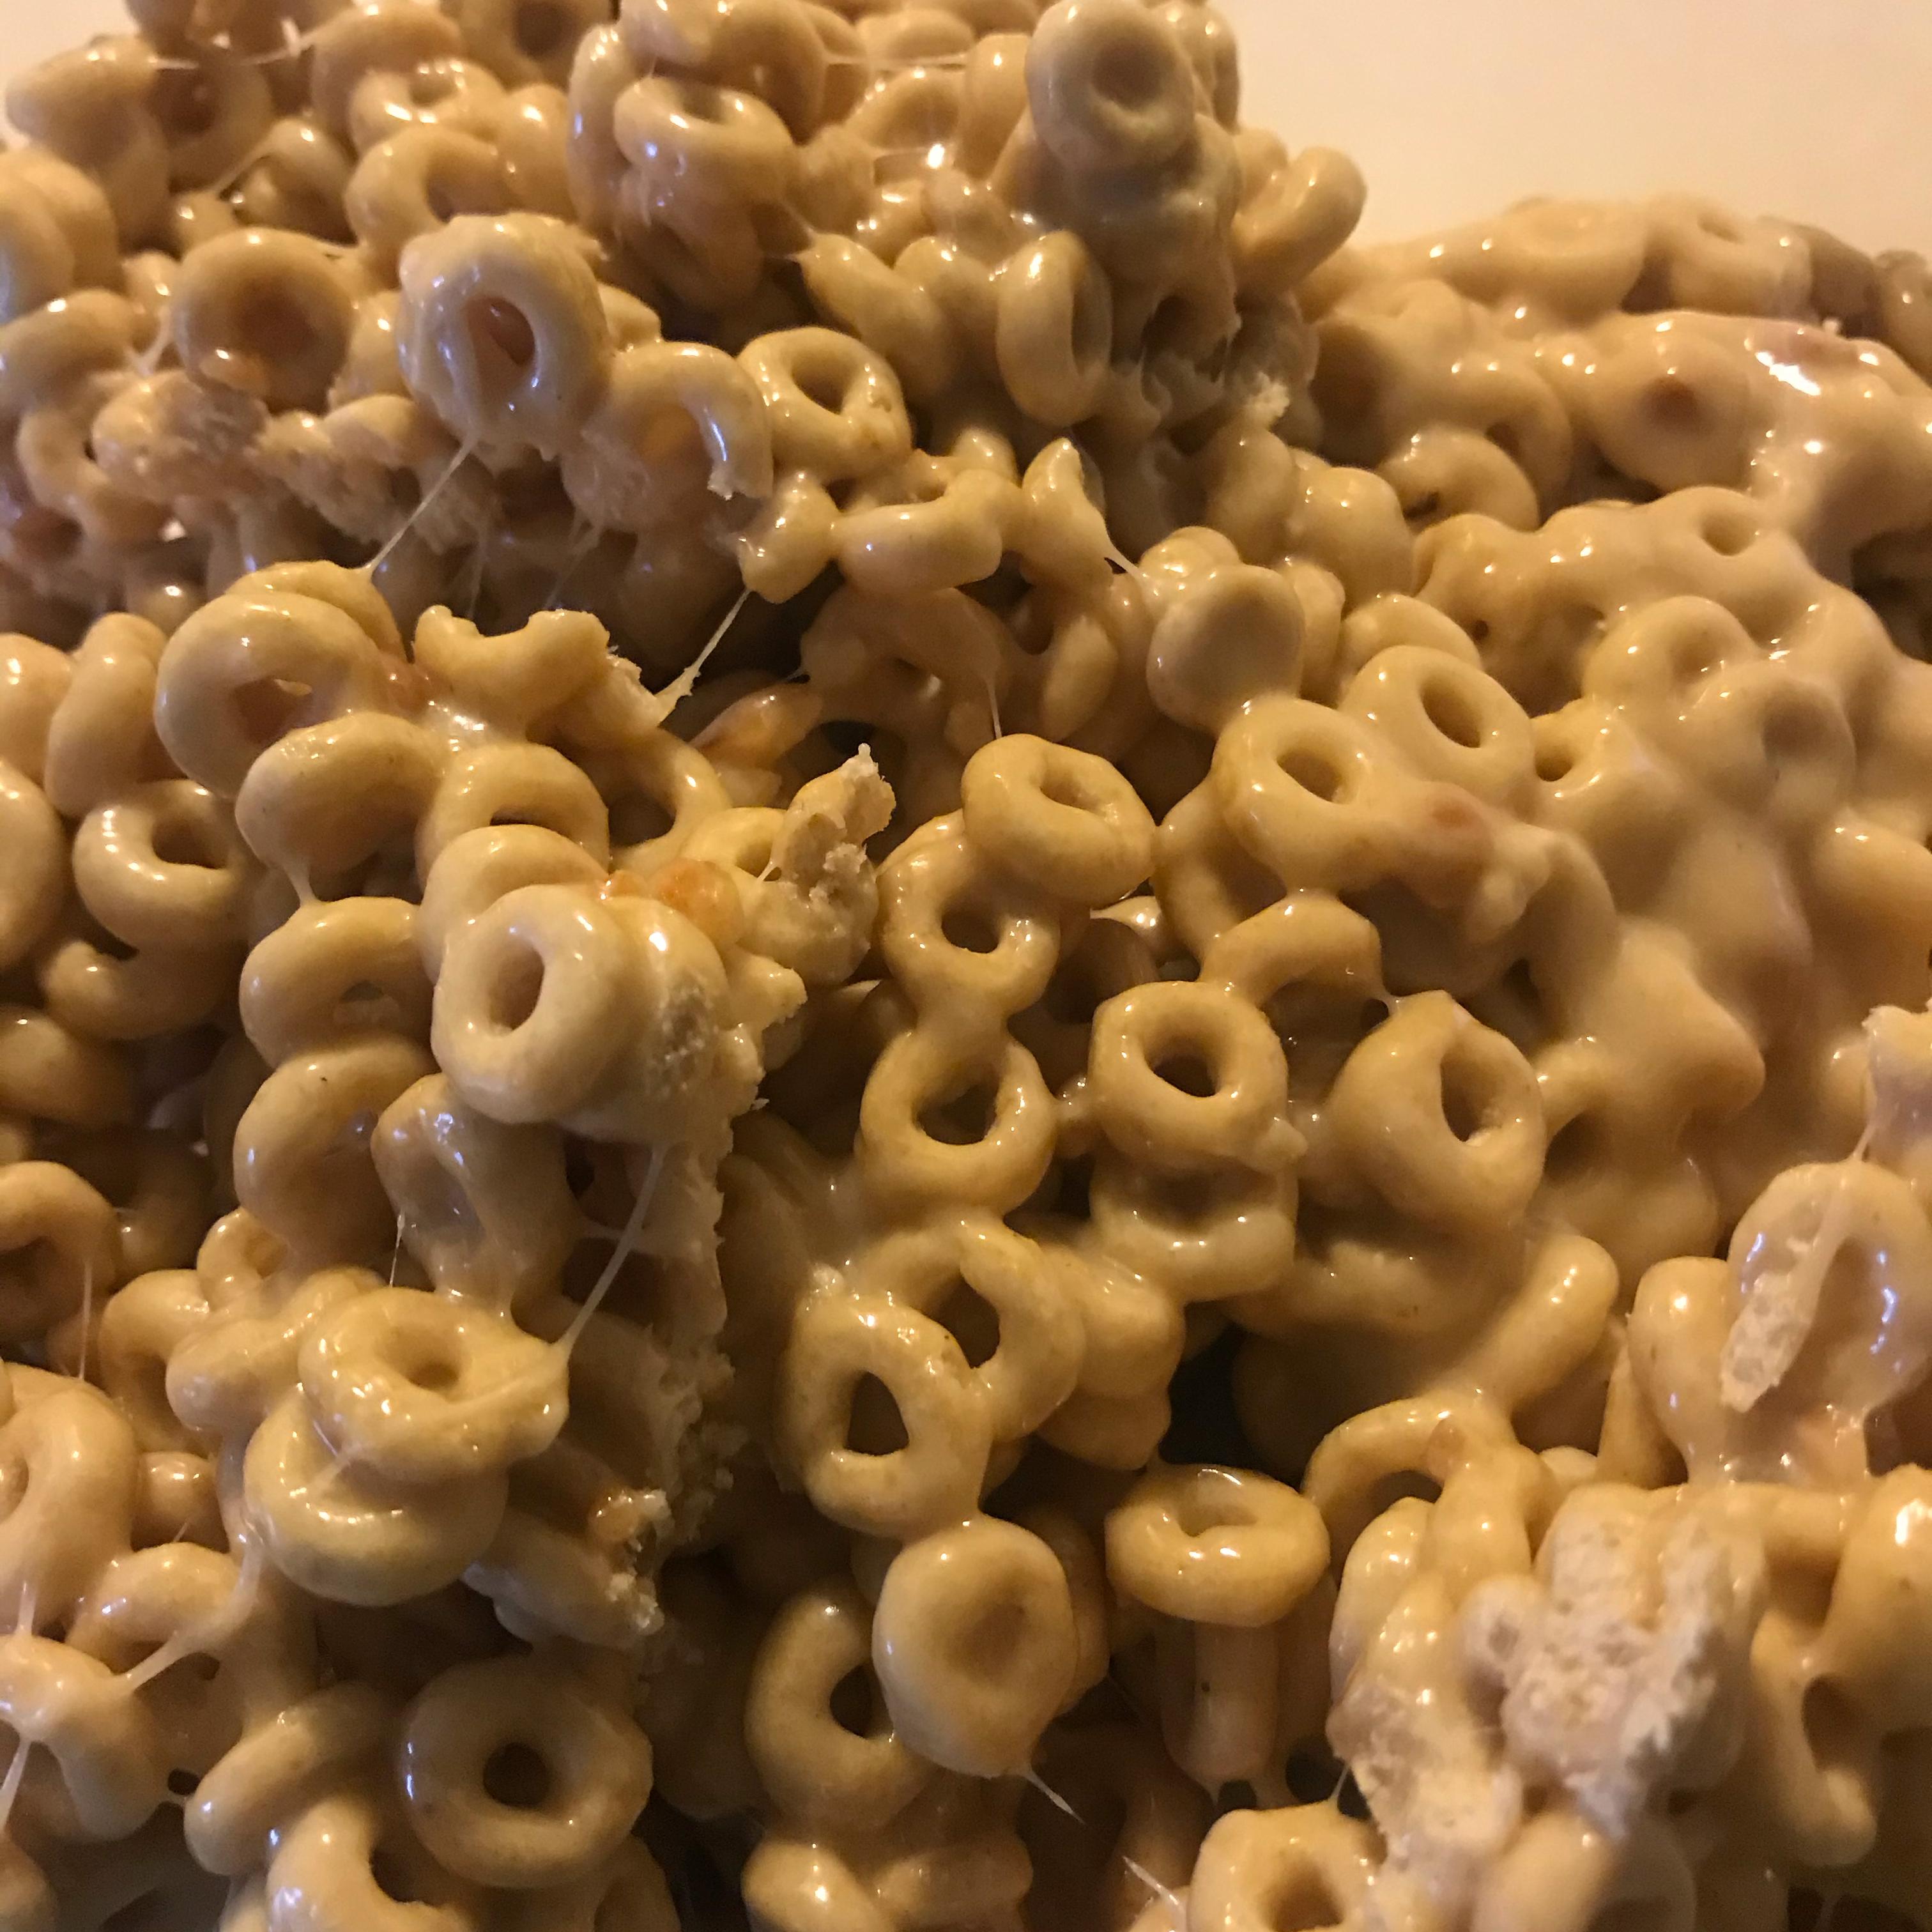 Cereal Treats I missiemac